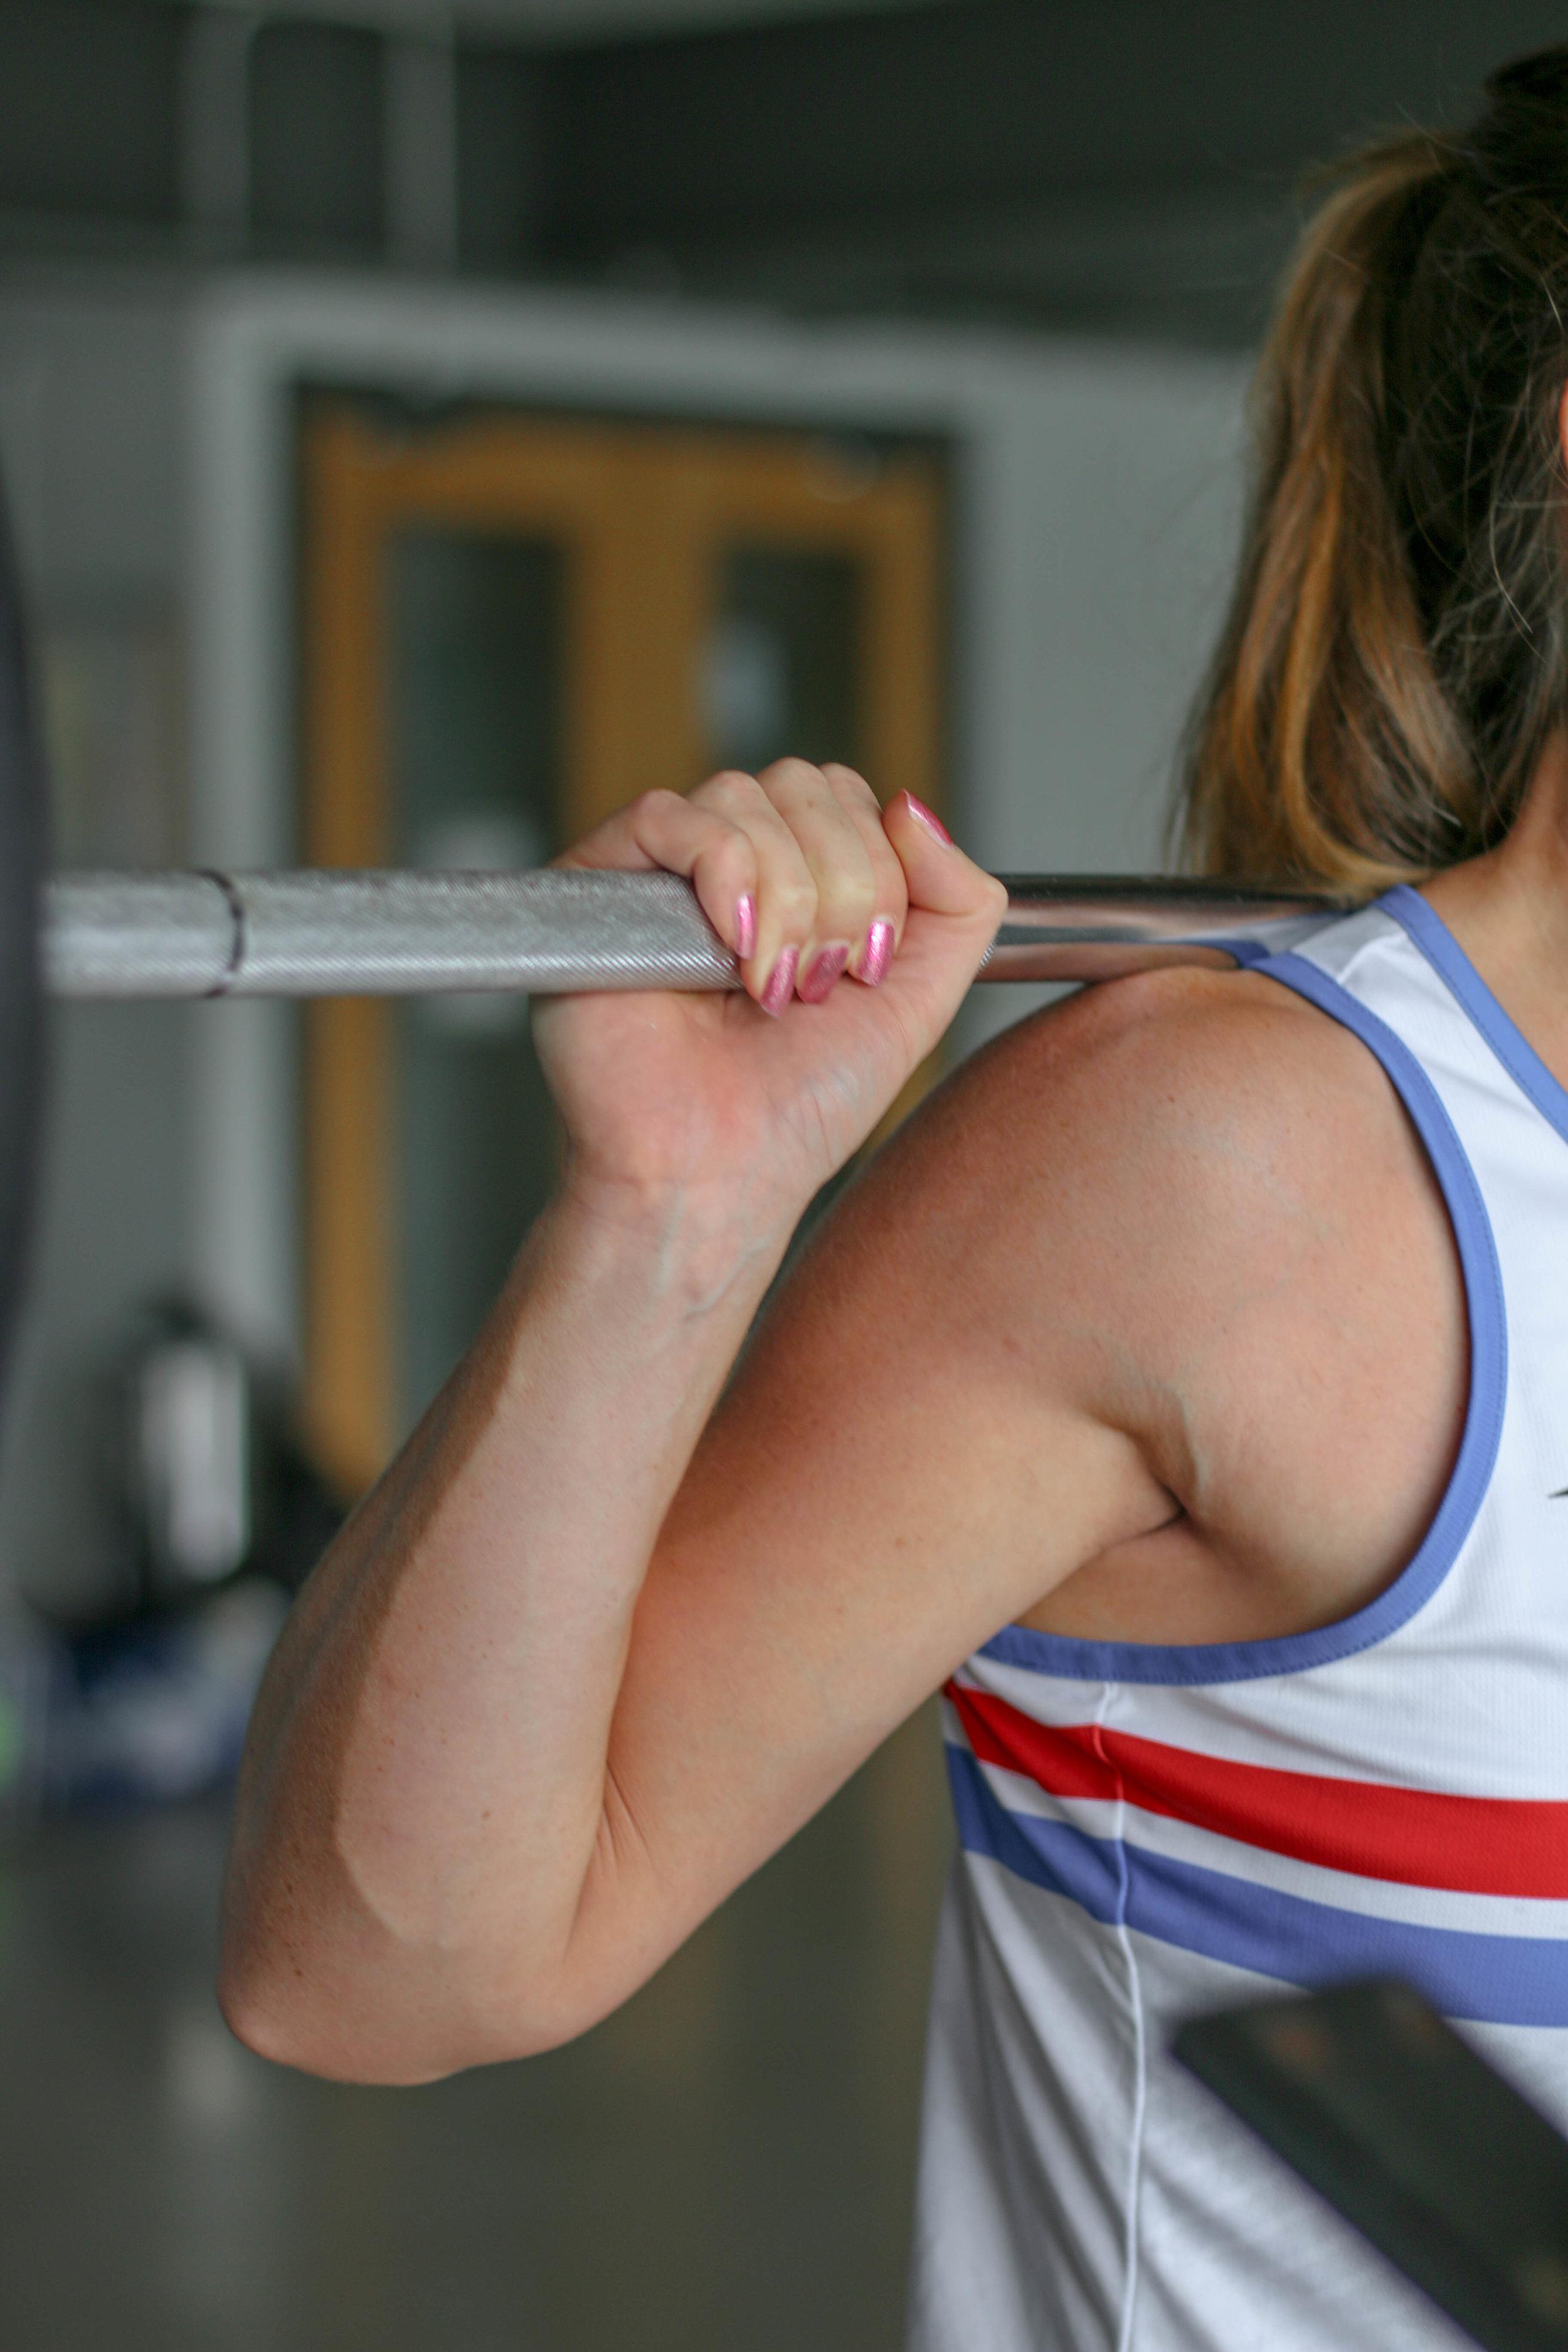 womens-sport-karen-bennett-rowing-athlete02.jpg